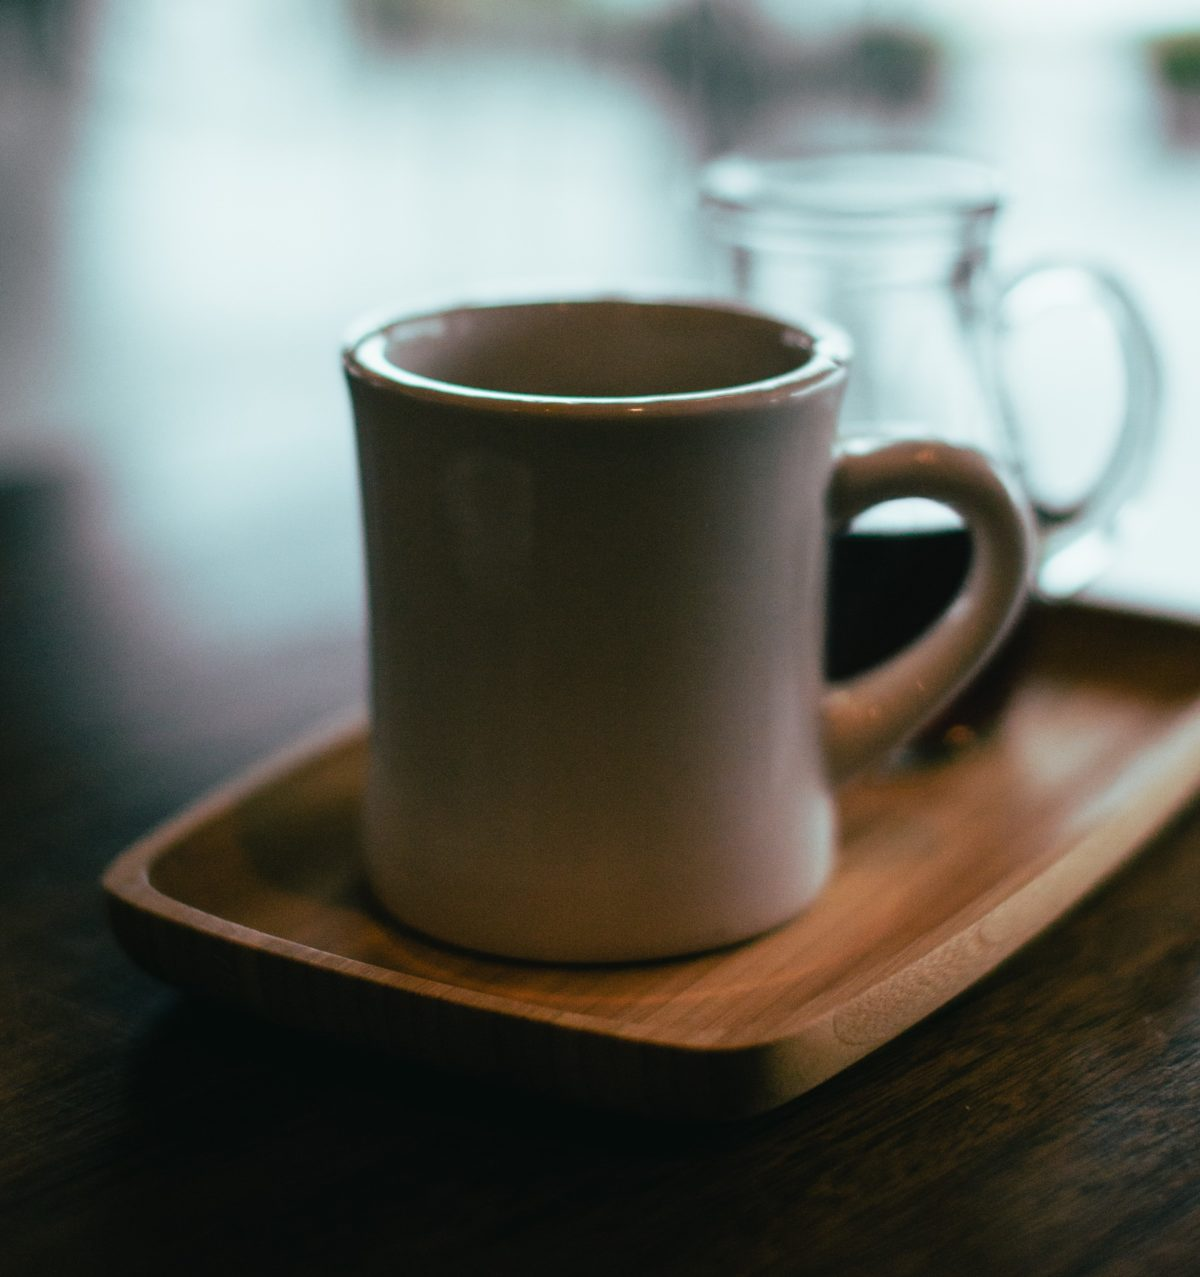 Kubek z ukrytą tożsamością / A mug with secret identity